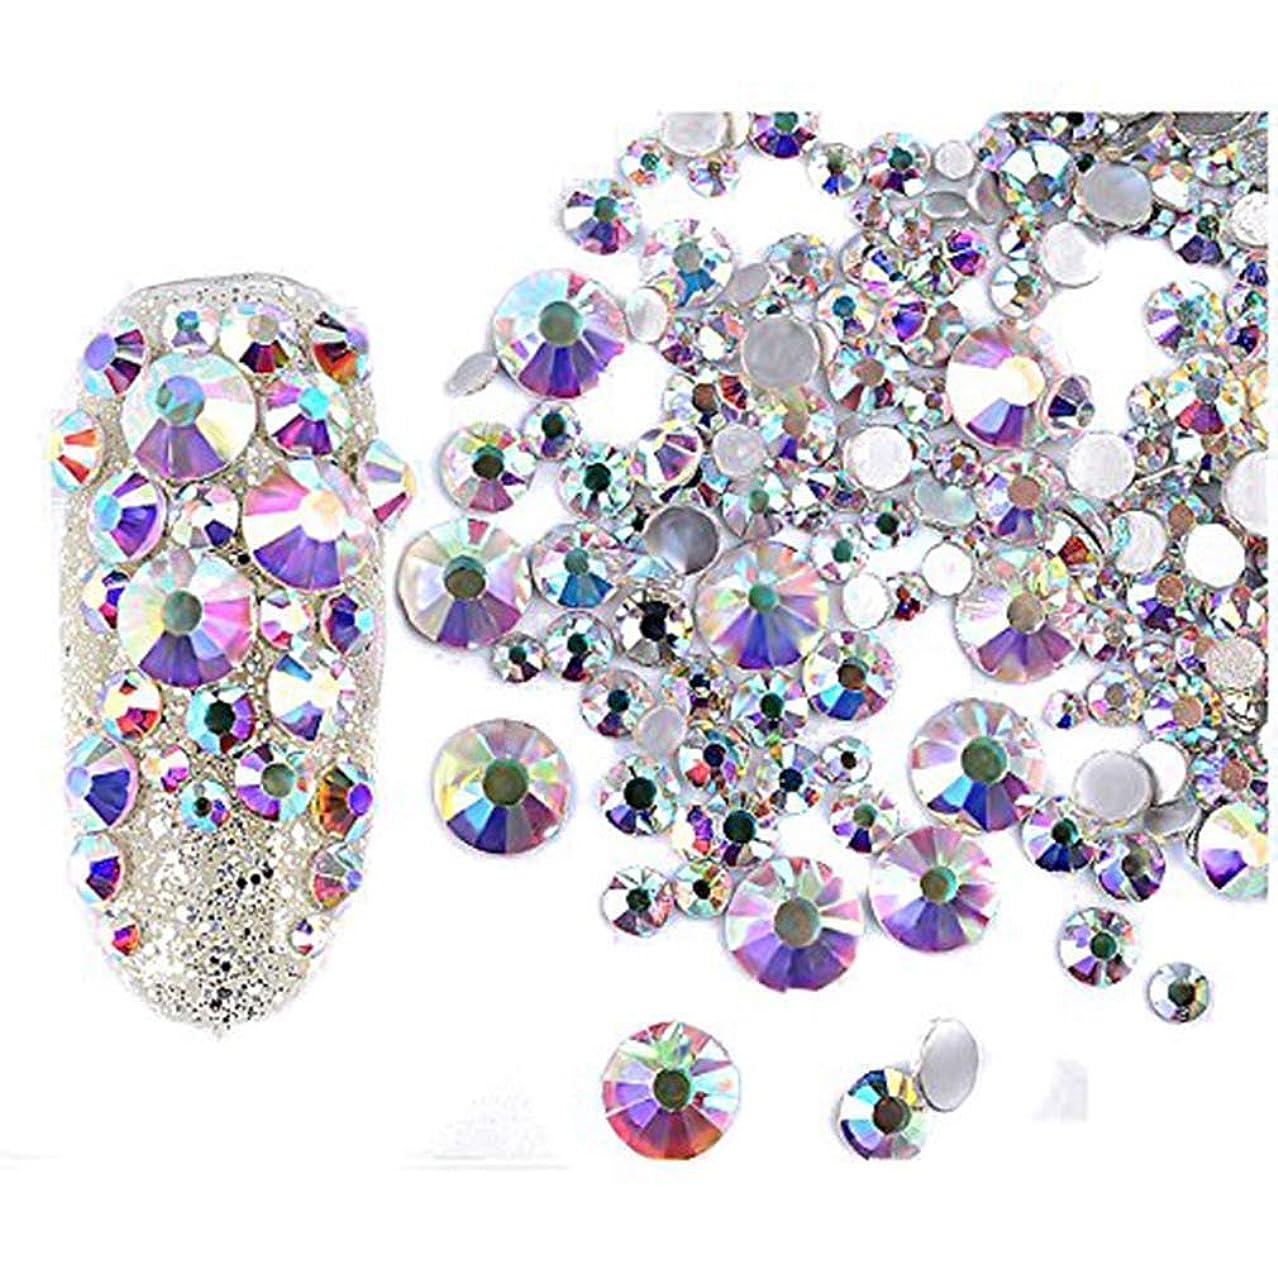 意図的ボイドテーマSnner メタルパーツ ネイルパール 混在 mix ゴールド ネイルアートパーツ レジン用 ジェルネイル 3Dネイルデコレーション かわいい プレゼント クリスマス 彼女 200点セット